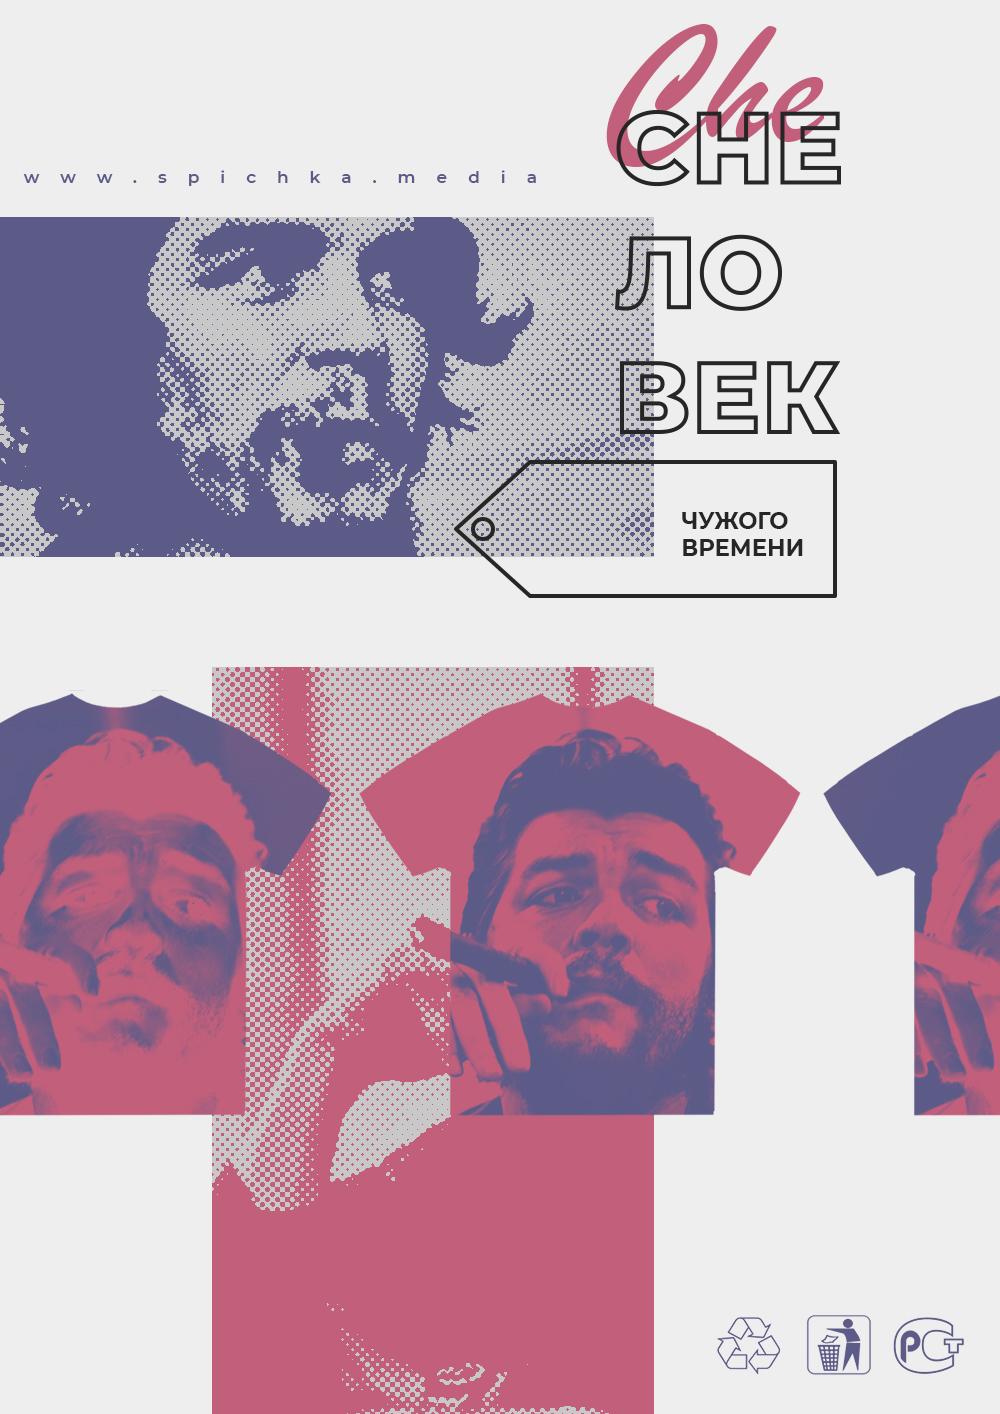 / Герой чужого времени? / Che Guevara